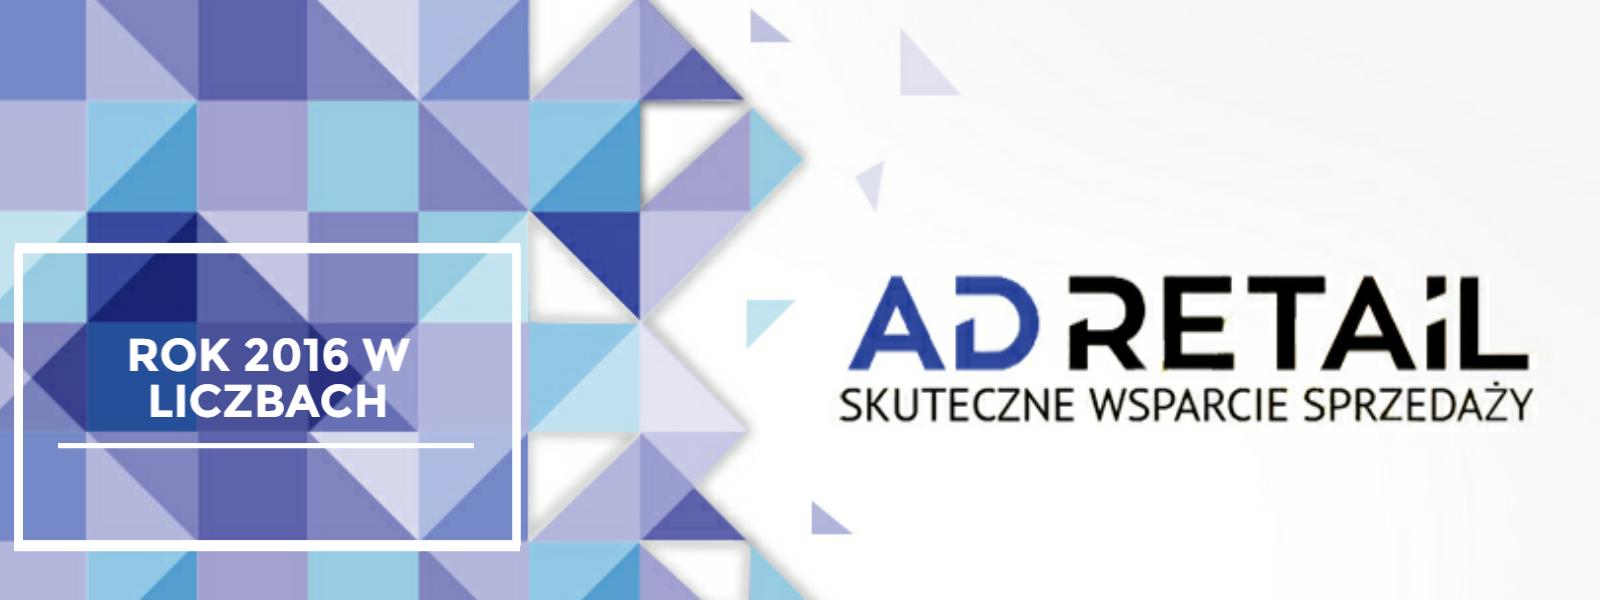 Rok 2016 rokiem rekordów sieci reklamowej AdRetail.